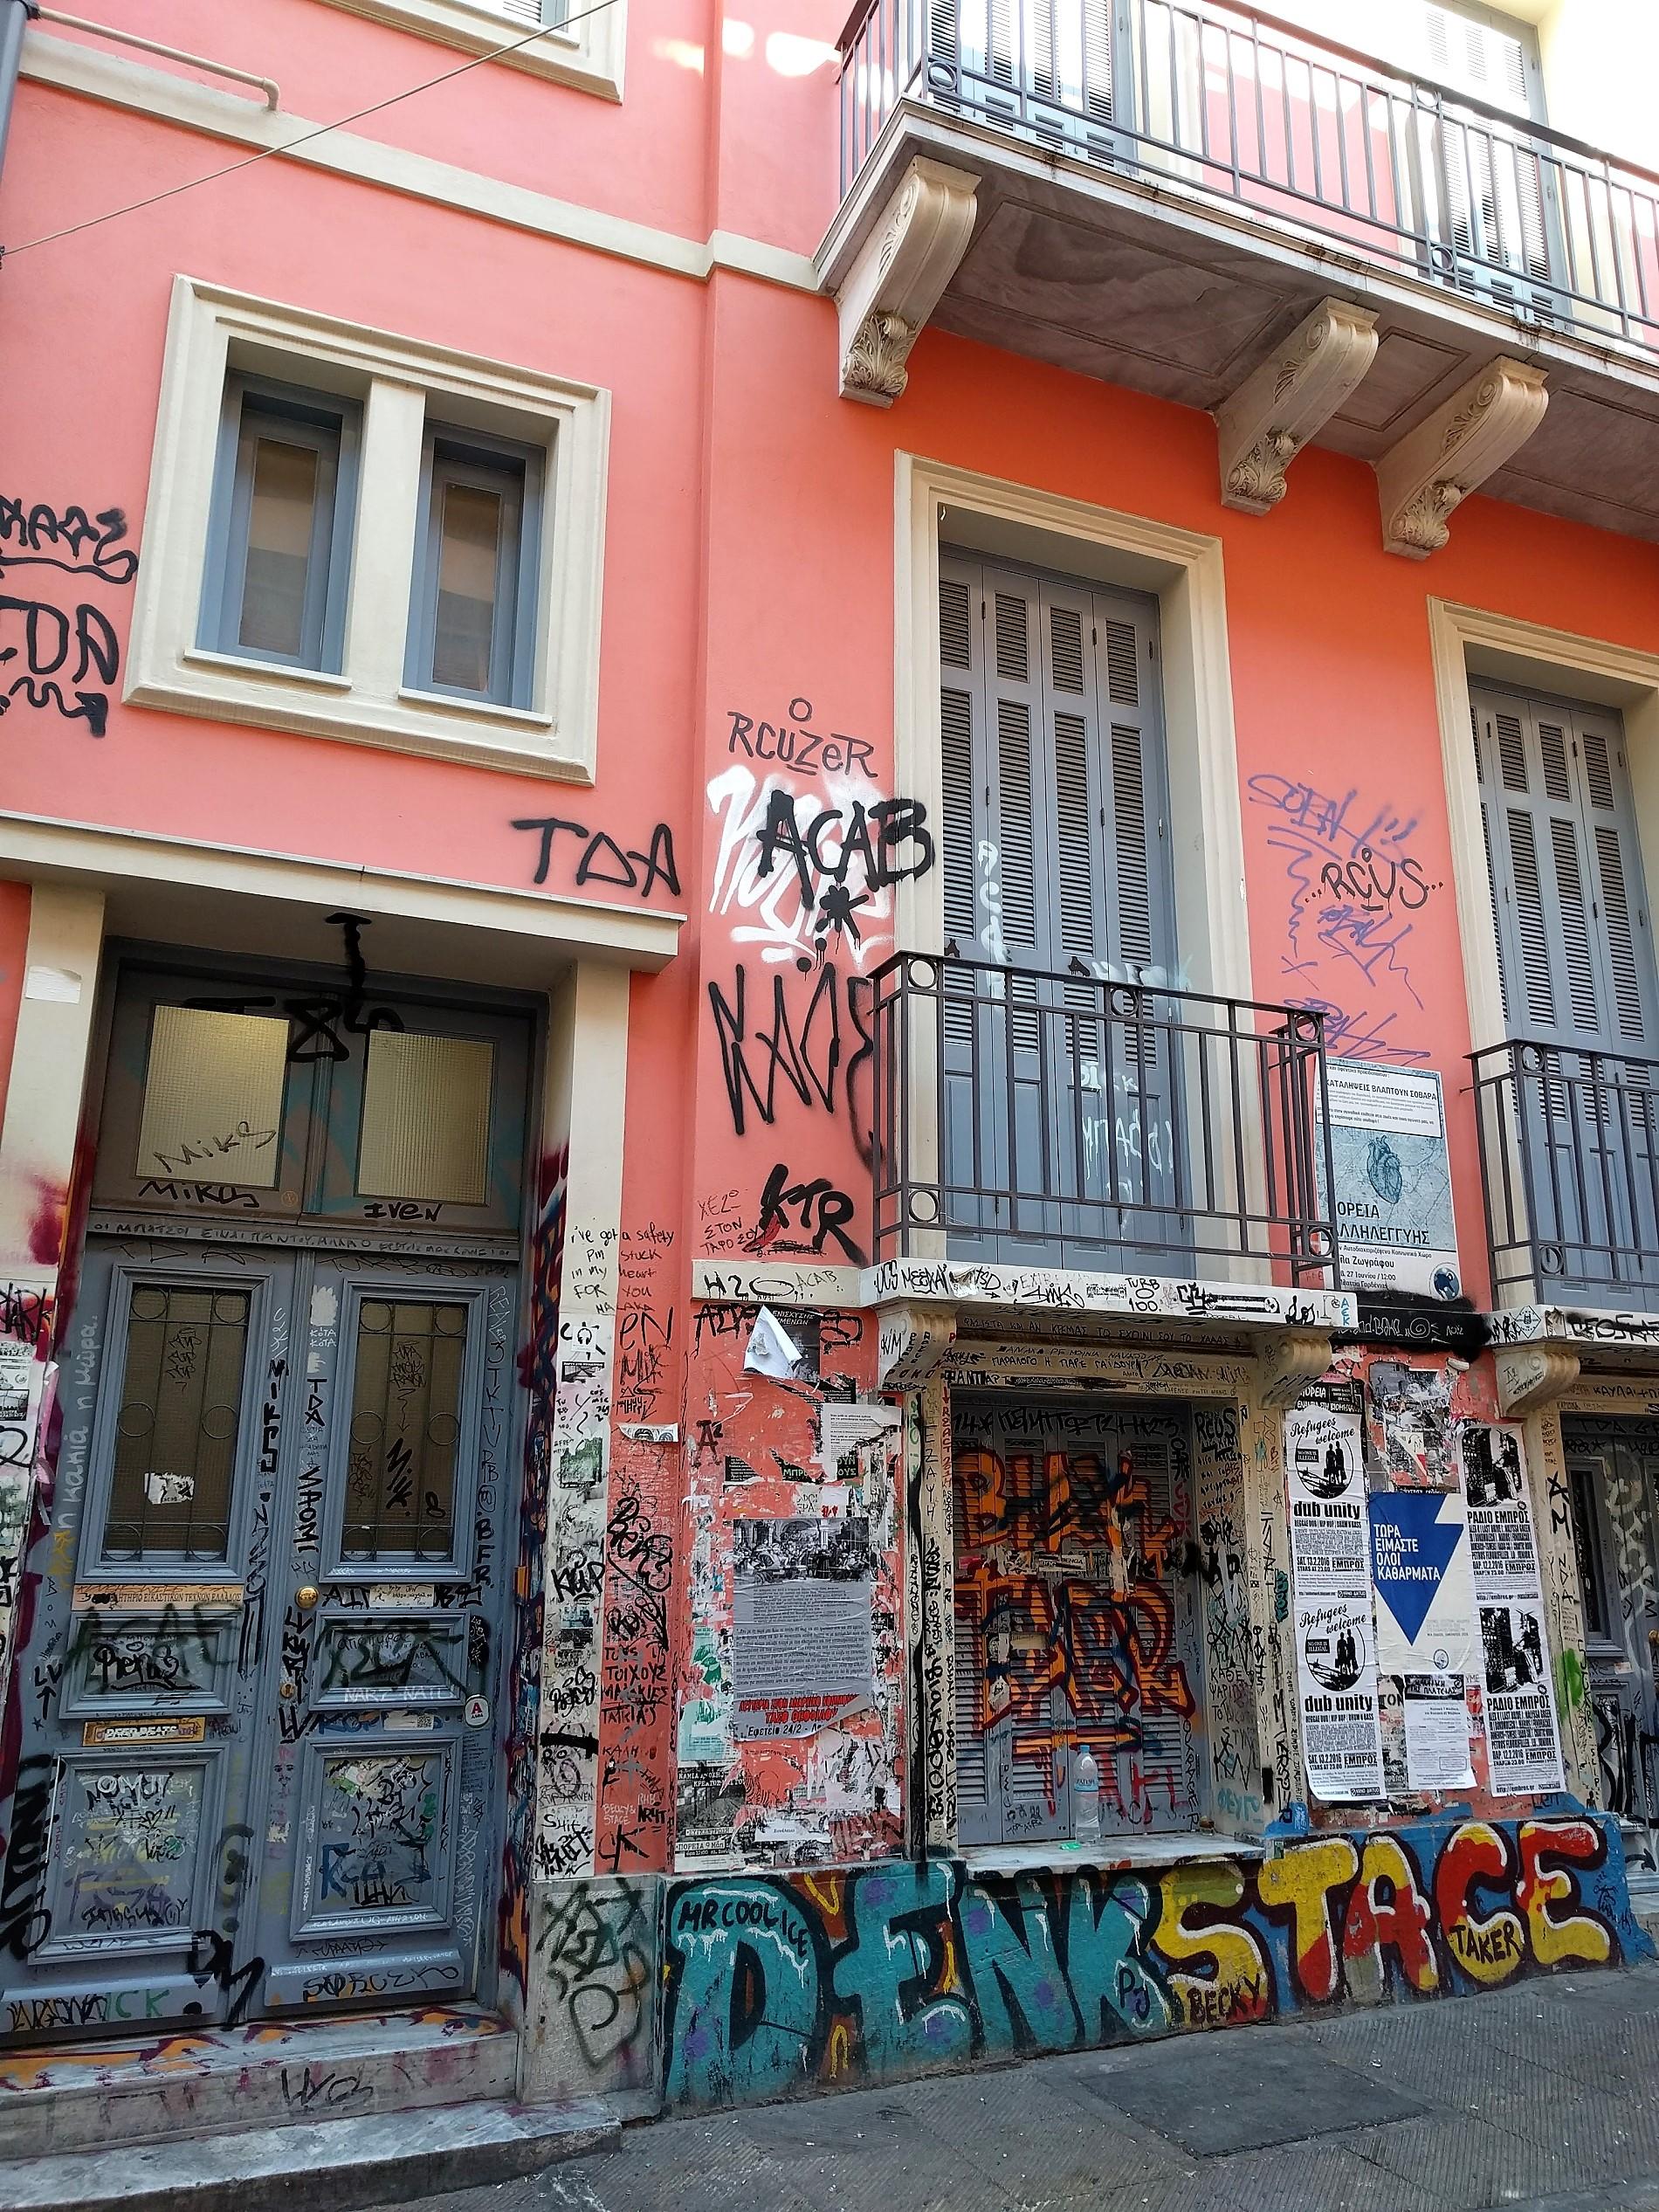 Γκραφιτι και αρχιτεκτονικη συνδυαζονται στη γειτονια των Εξαρχειων